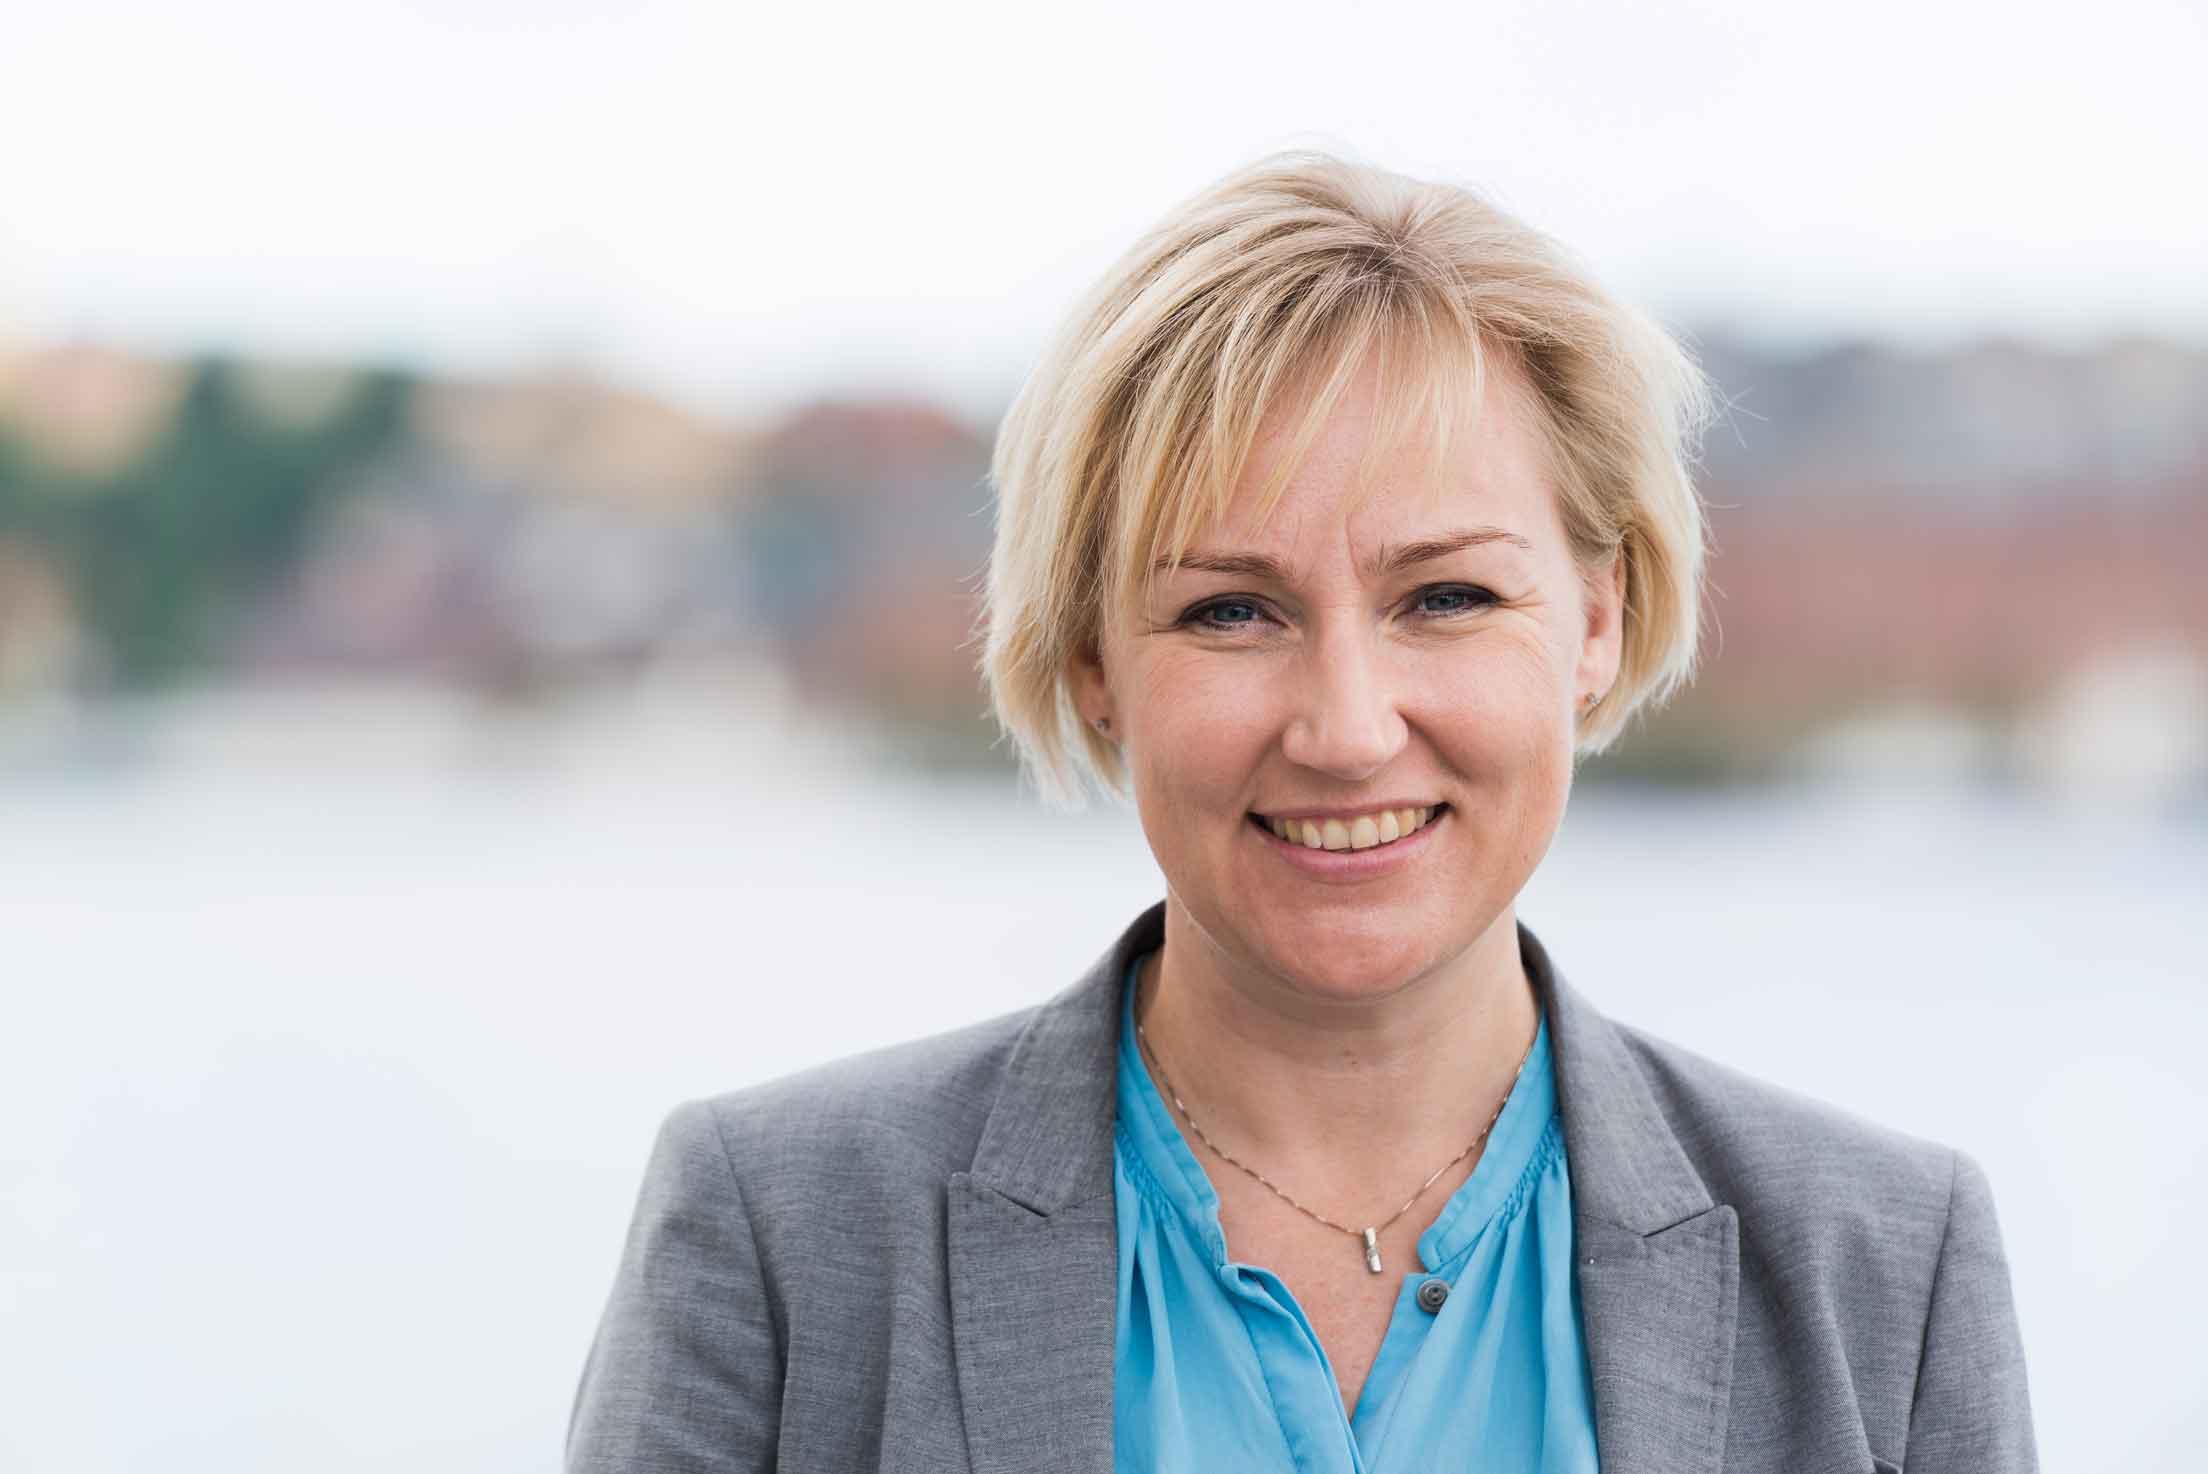 Helene Hellmark Knutsson är minister för högre utbildning och forskning. Foto: Press/Magnus Selander.